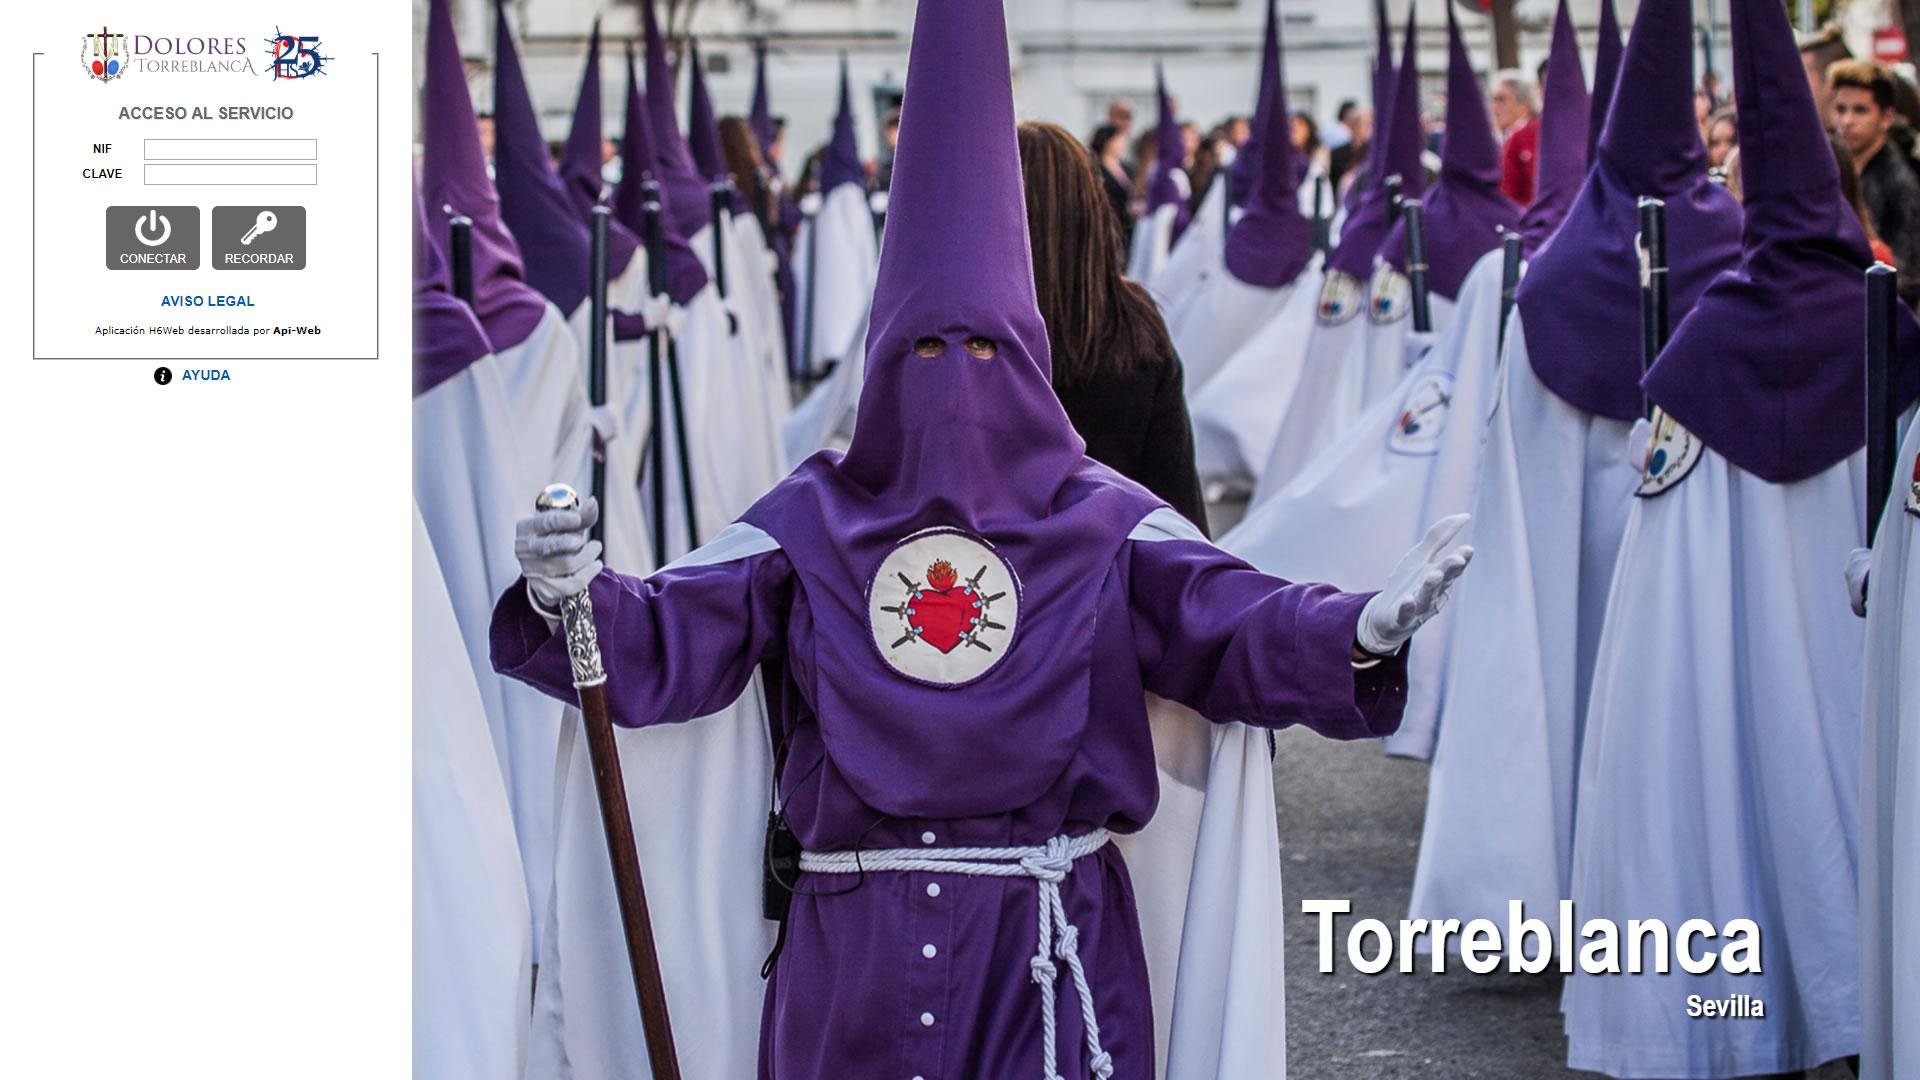 H6Web Dolores de Torreblanca Sevilla